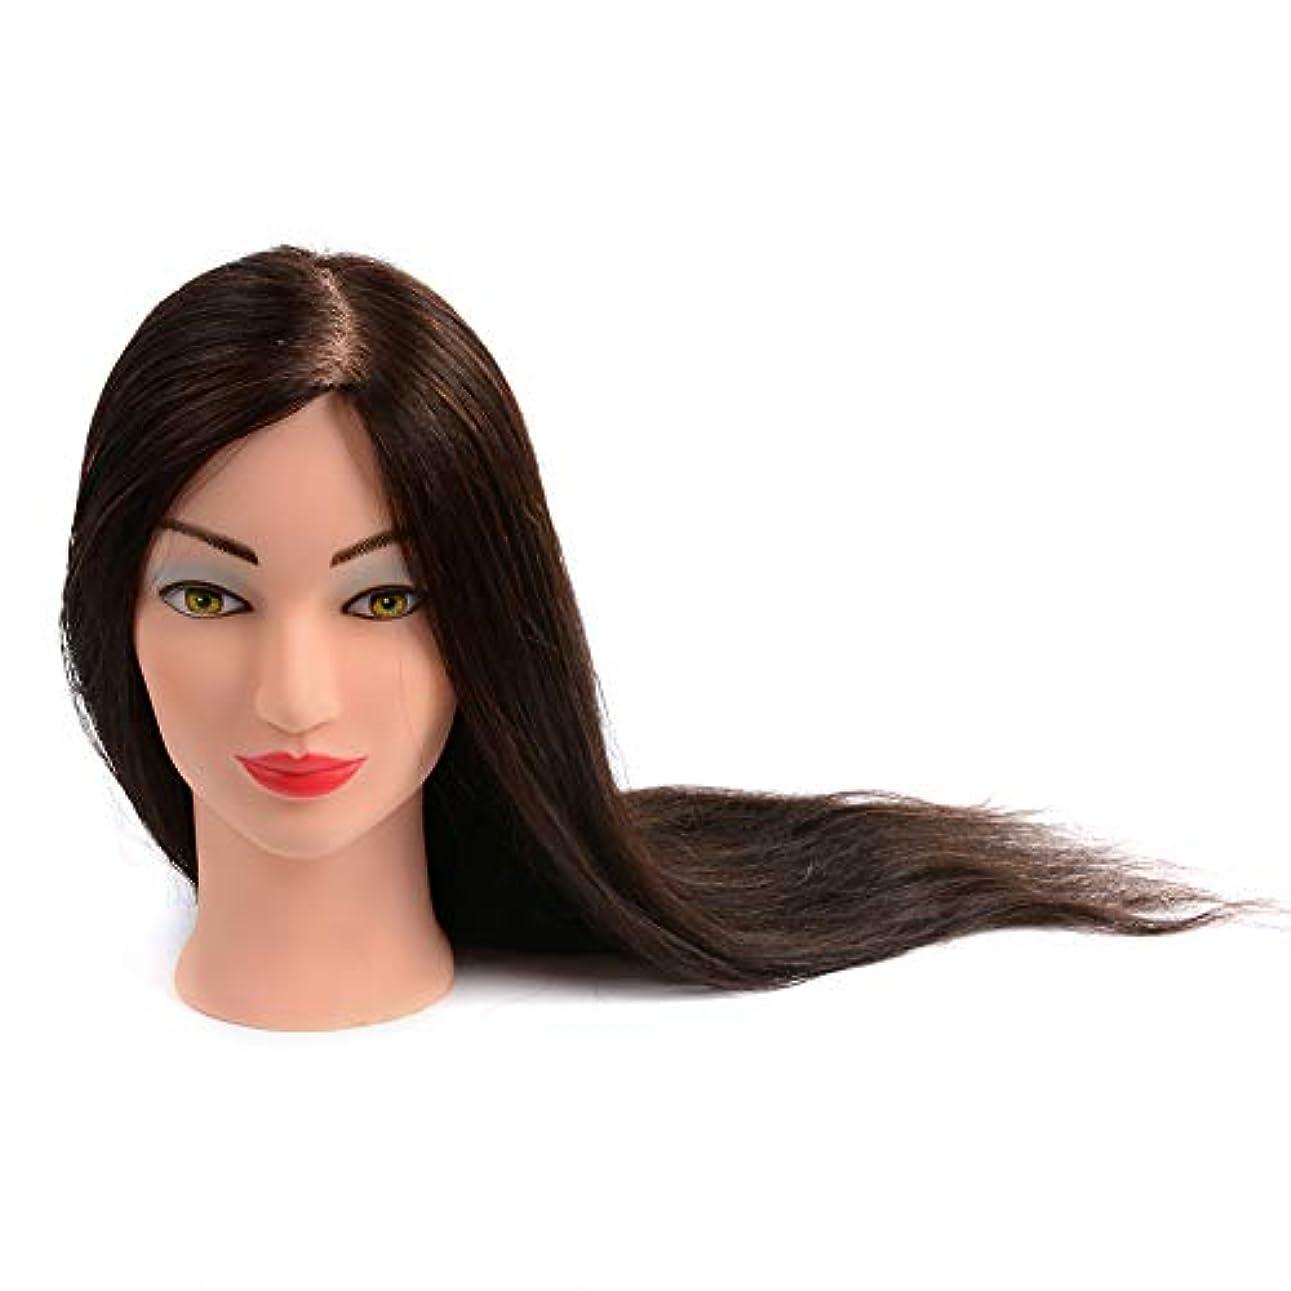 任命メッシュキッチンサロン散髪学習ダミーヘッドブライダルメイクスタイリングプラクティスモデルの髪を染めることができ、漂白ティーチングヘッド